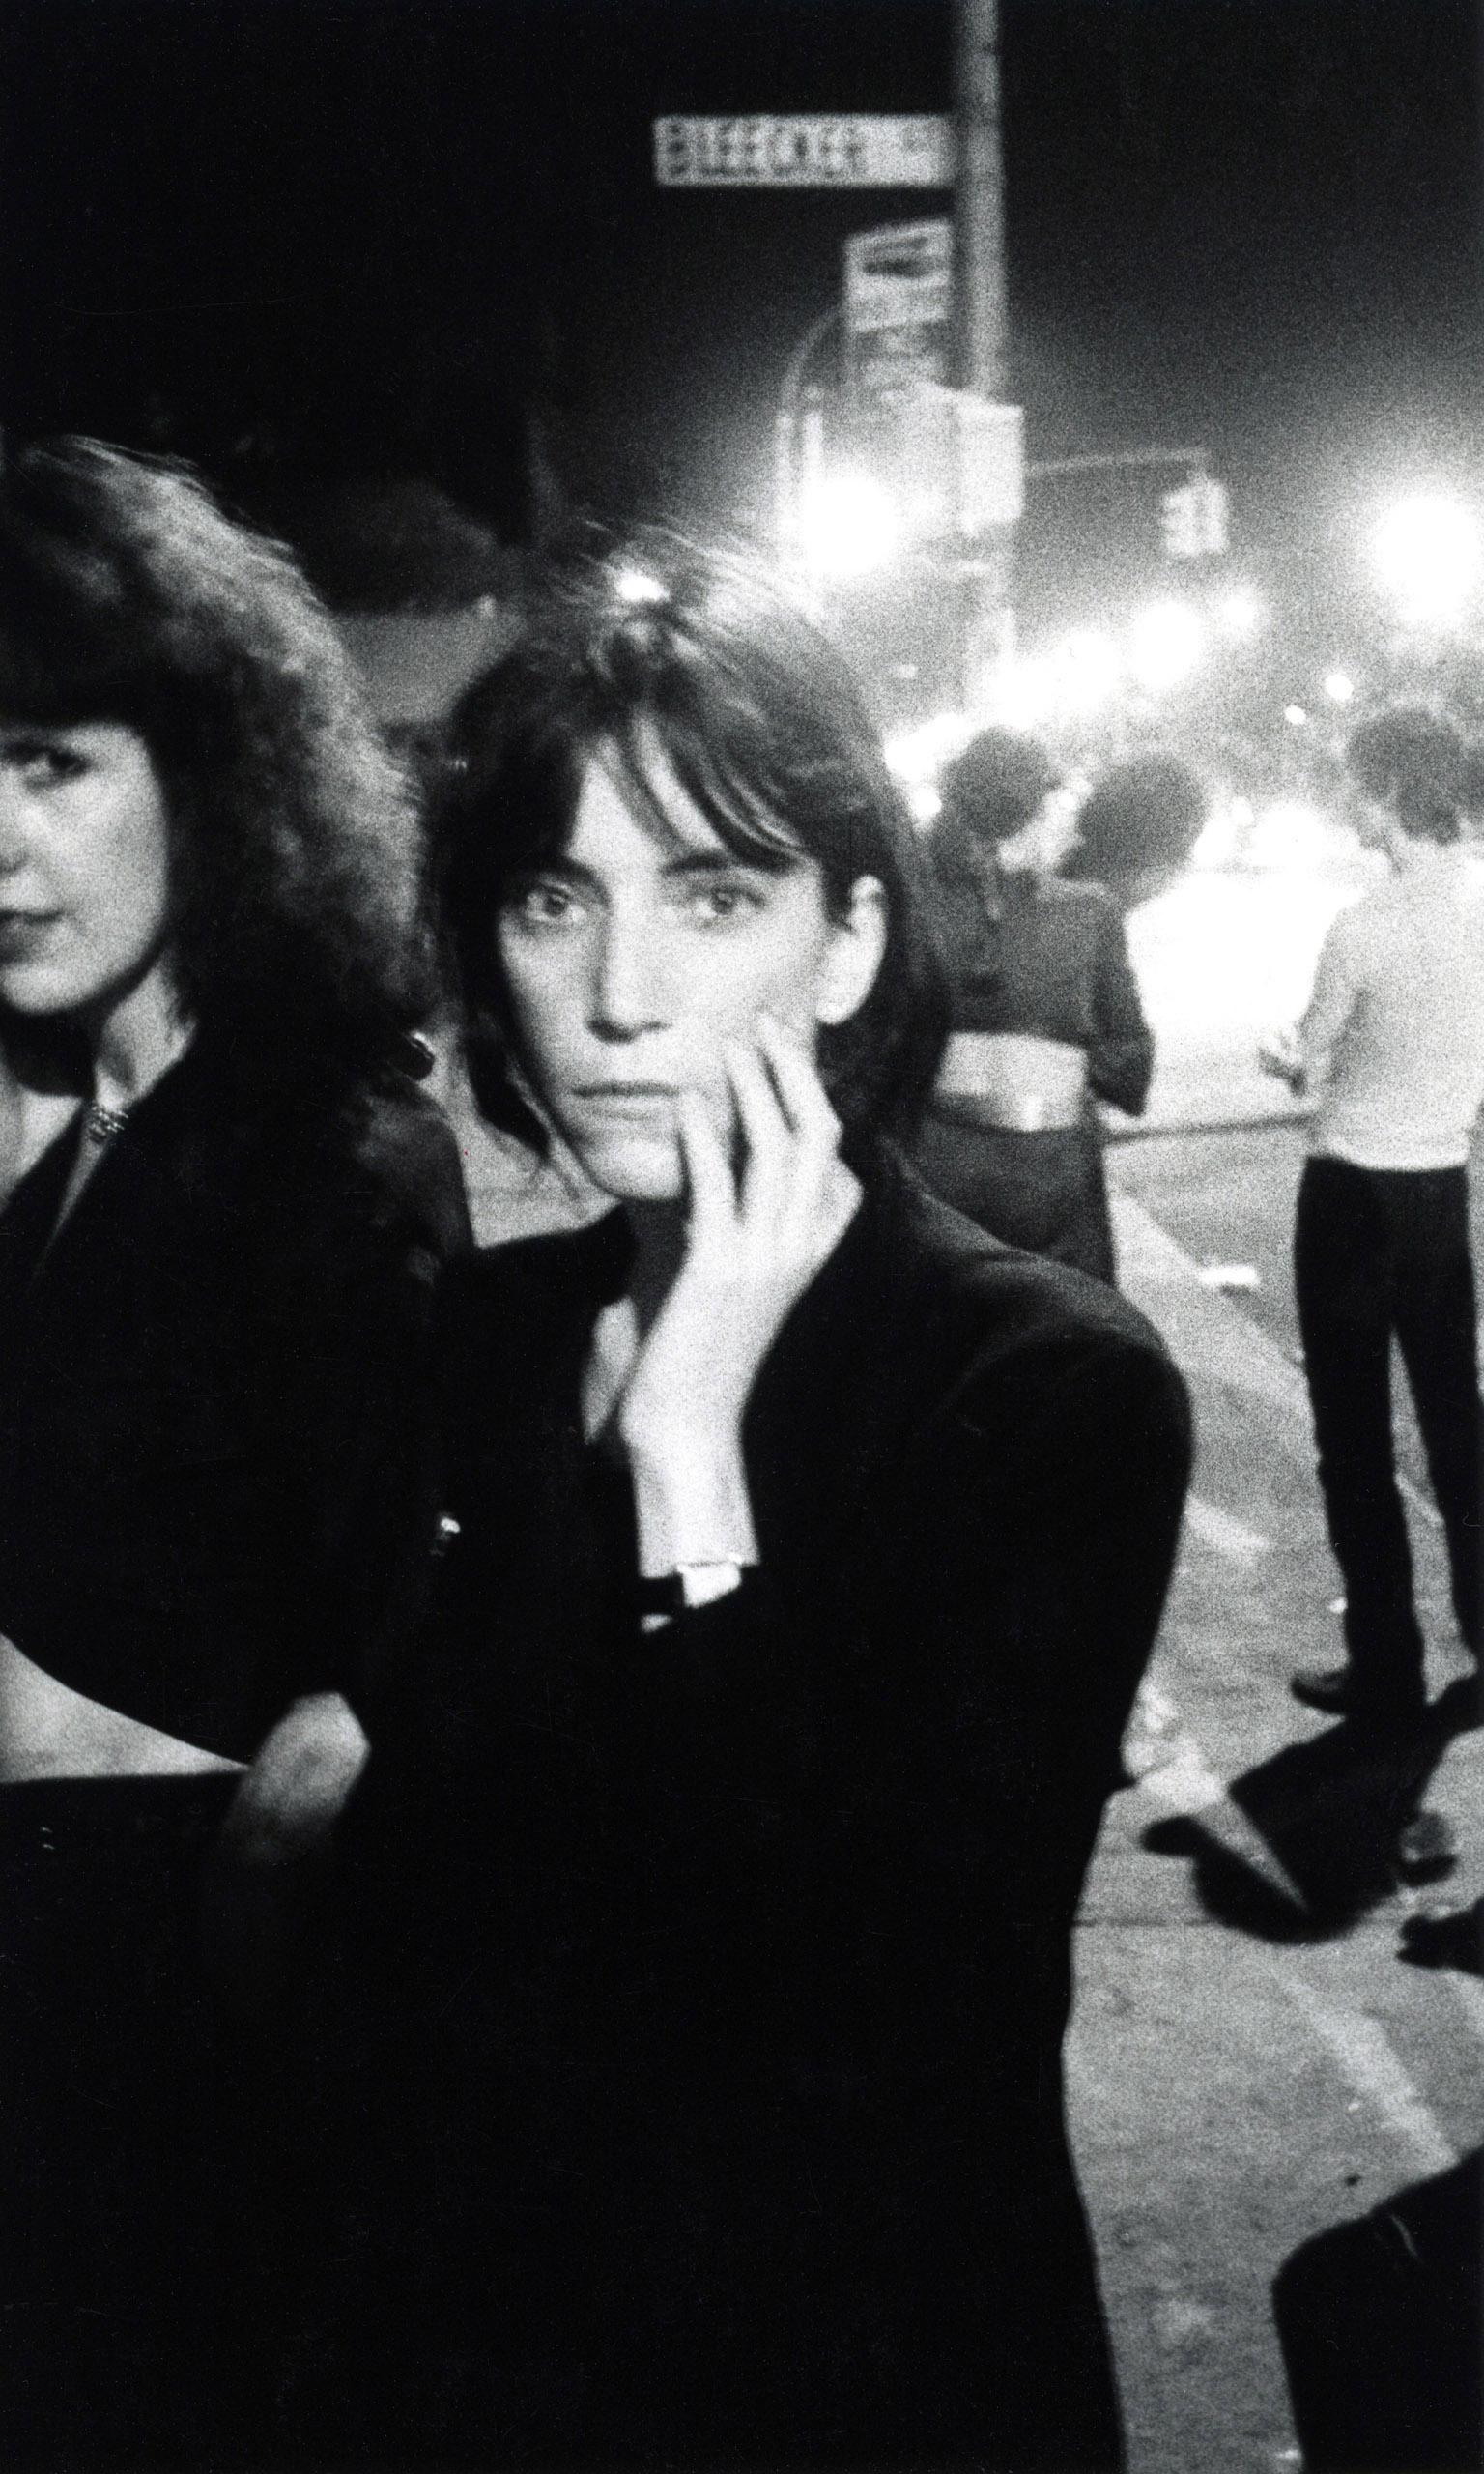 Patti Smith, Bowery, 1976.